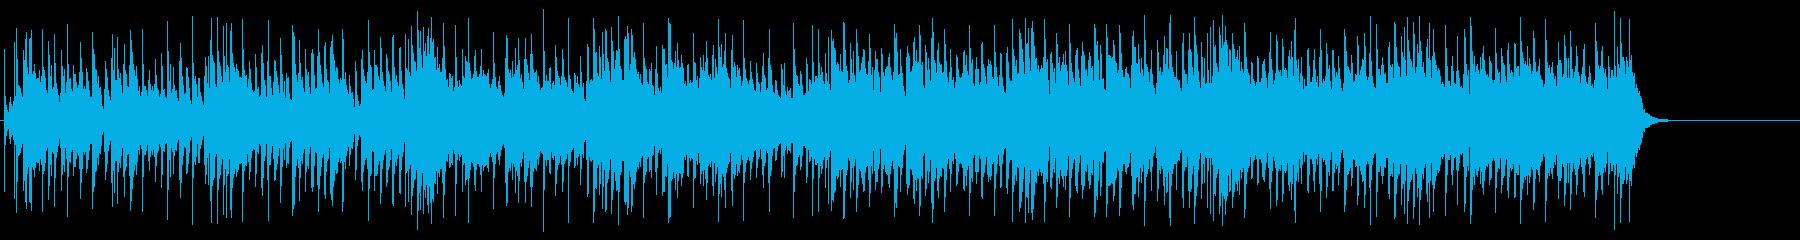 番組エンディング風爽快なポップの再生済みの波形